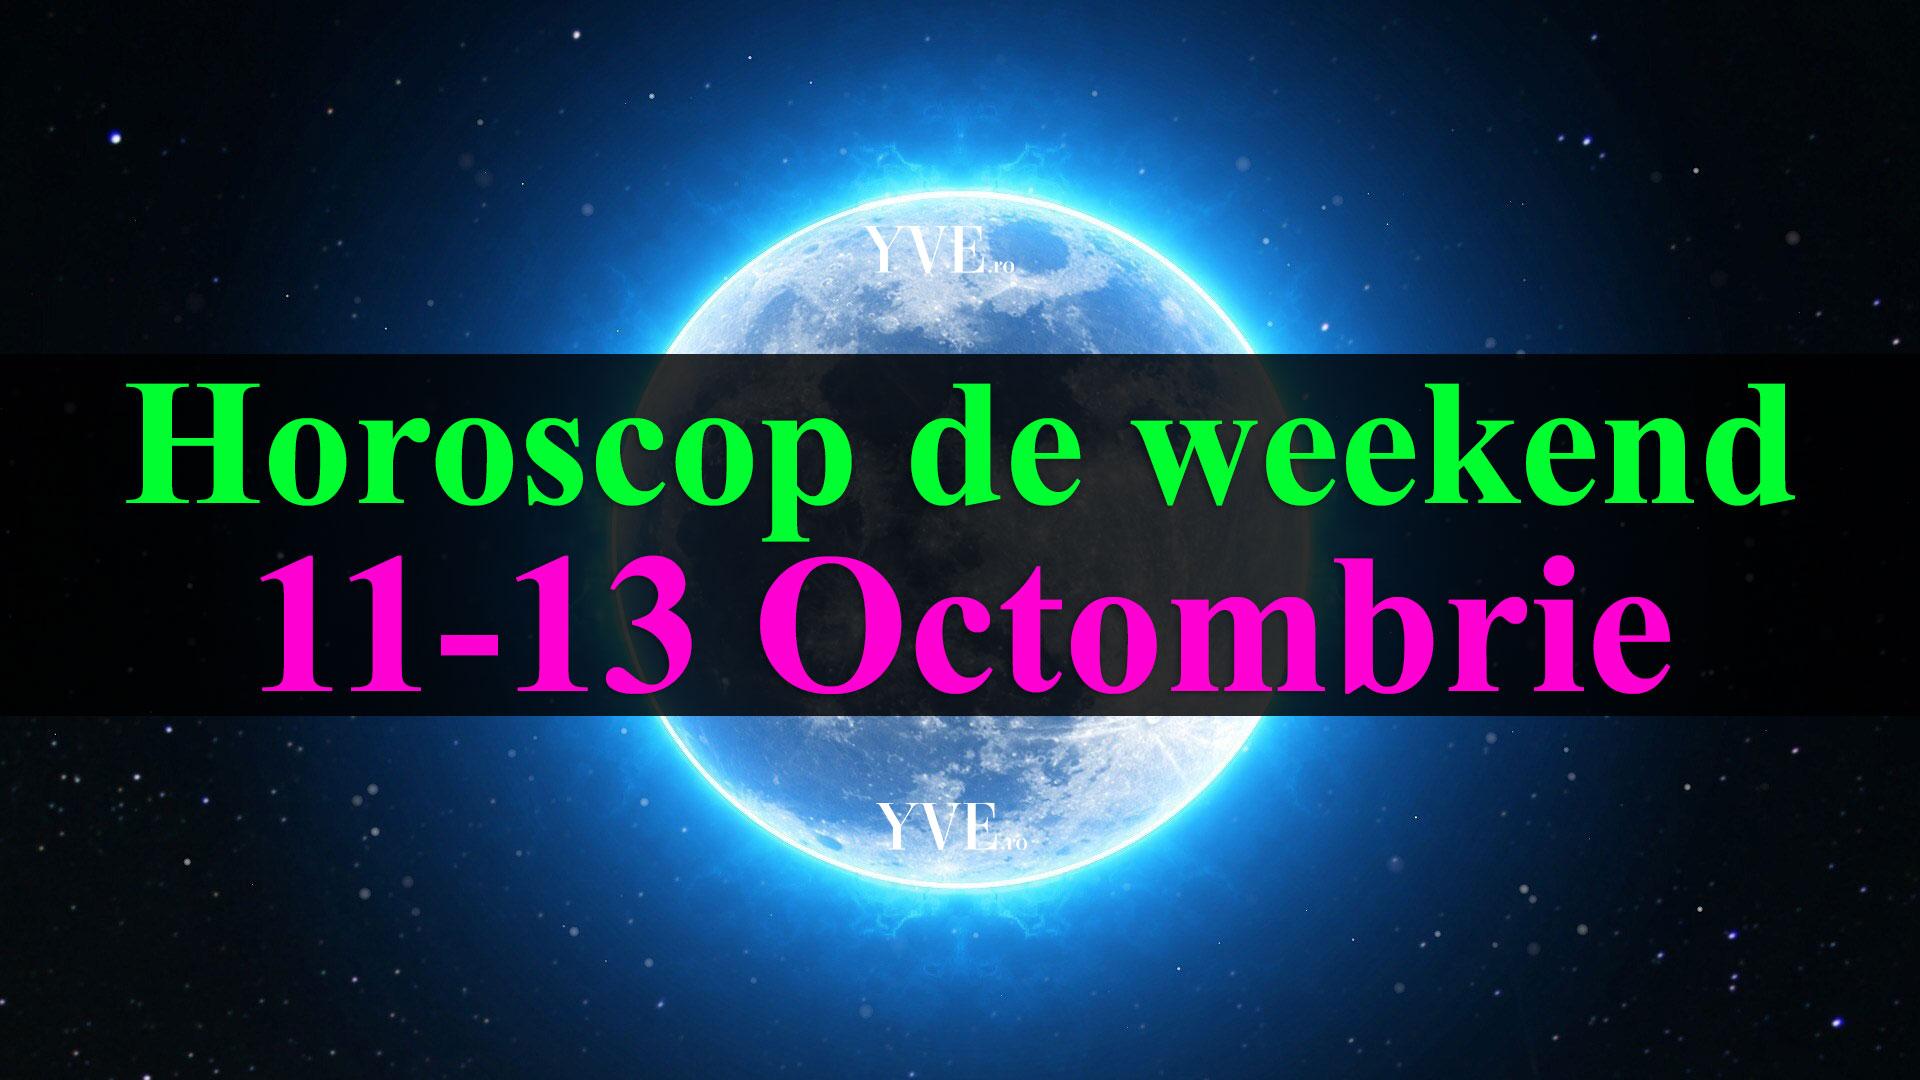 Horoscop de weekend 11-13 Octombrie 2019